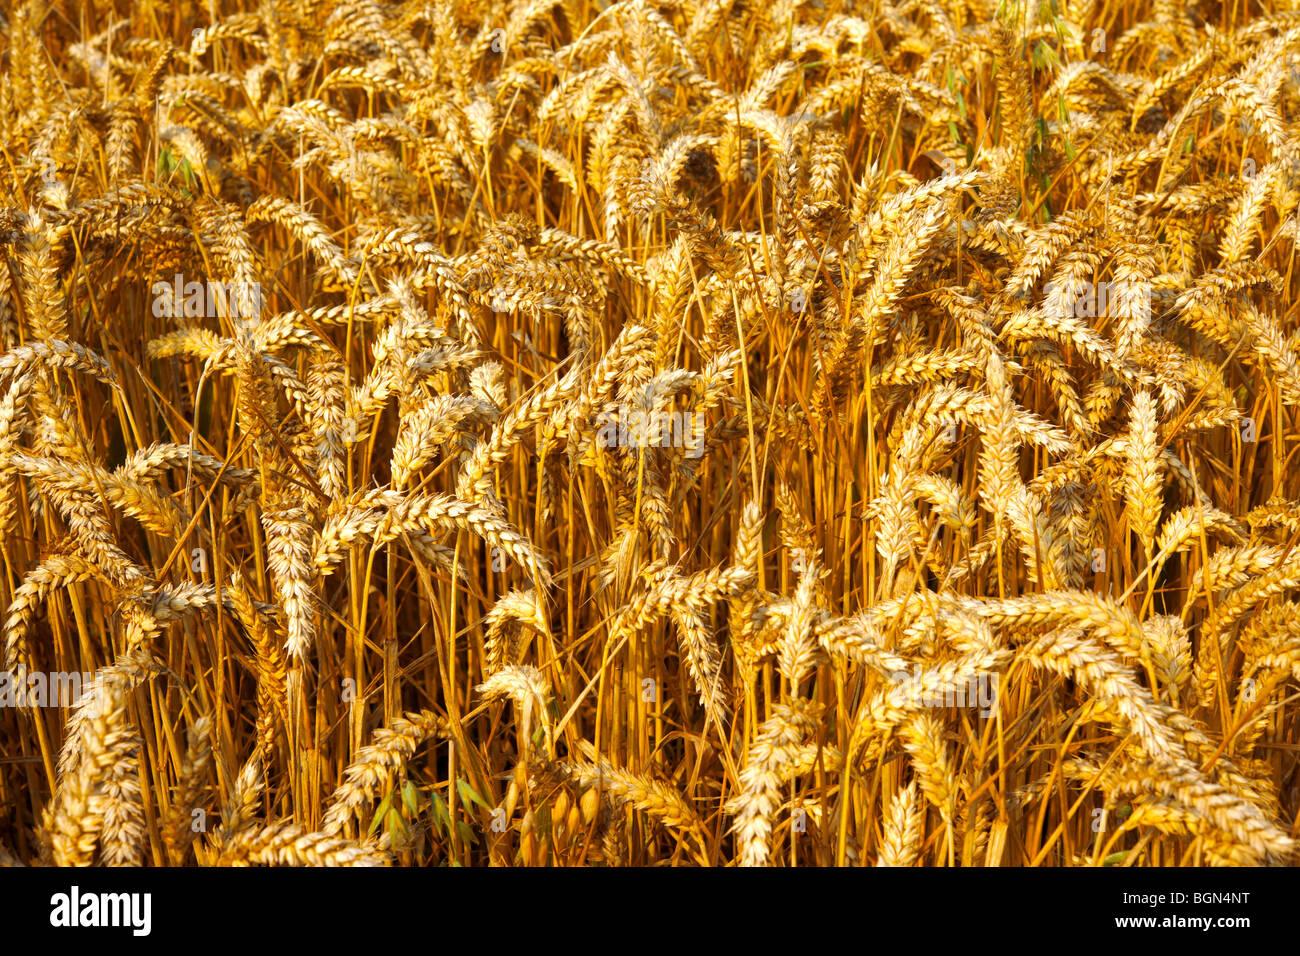 Mature di grano (mais) in un archiviato pronto per la mietitura Immagini Stock